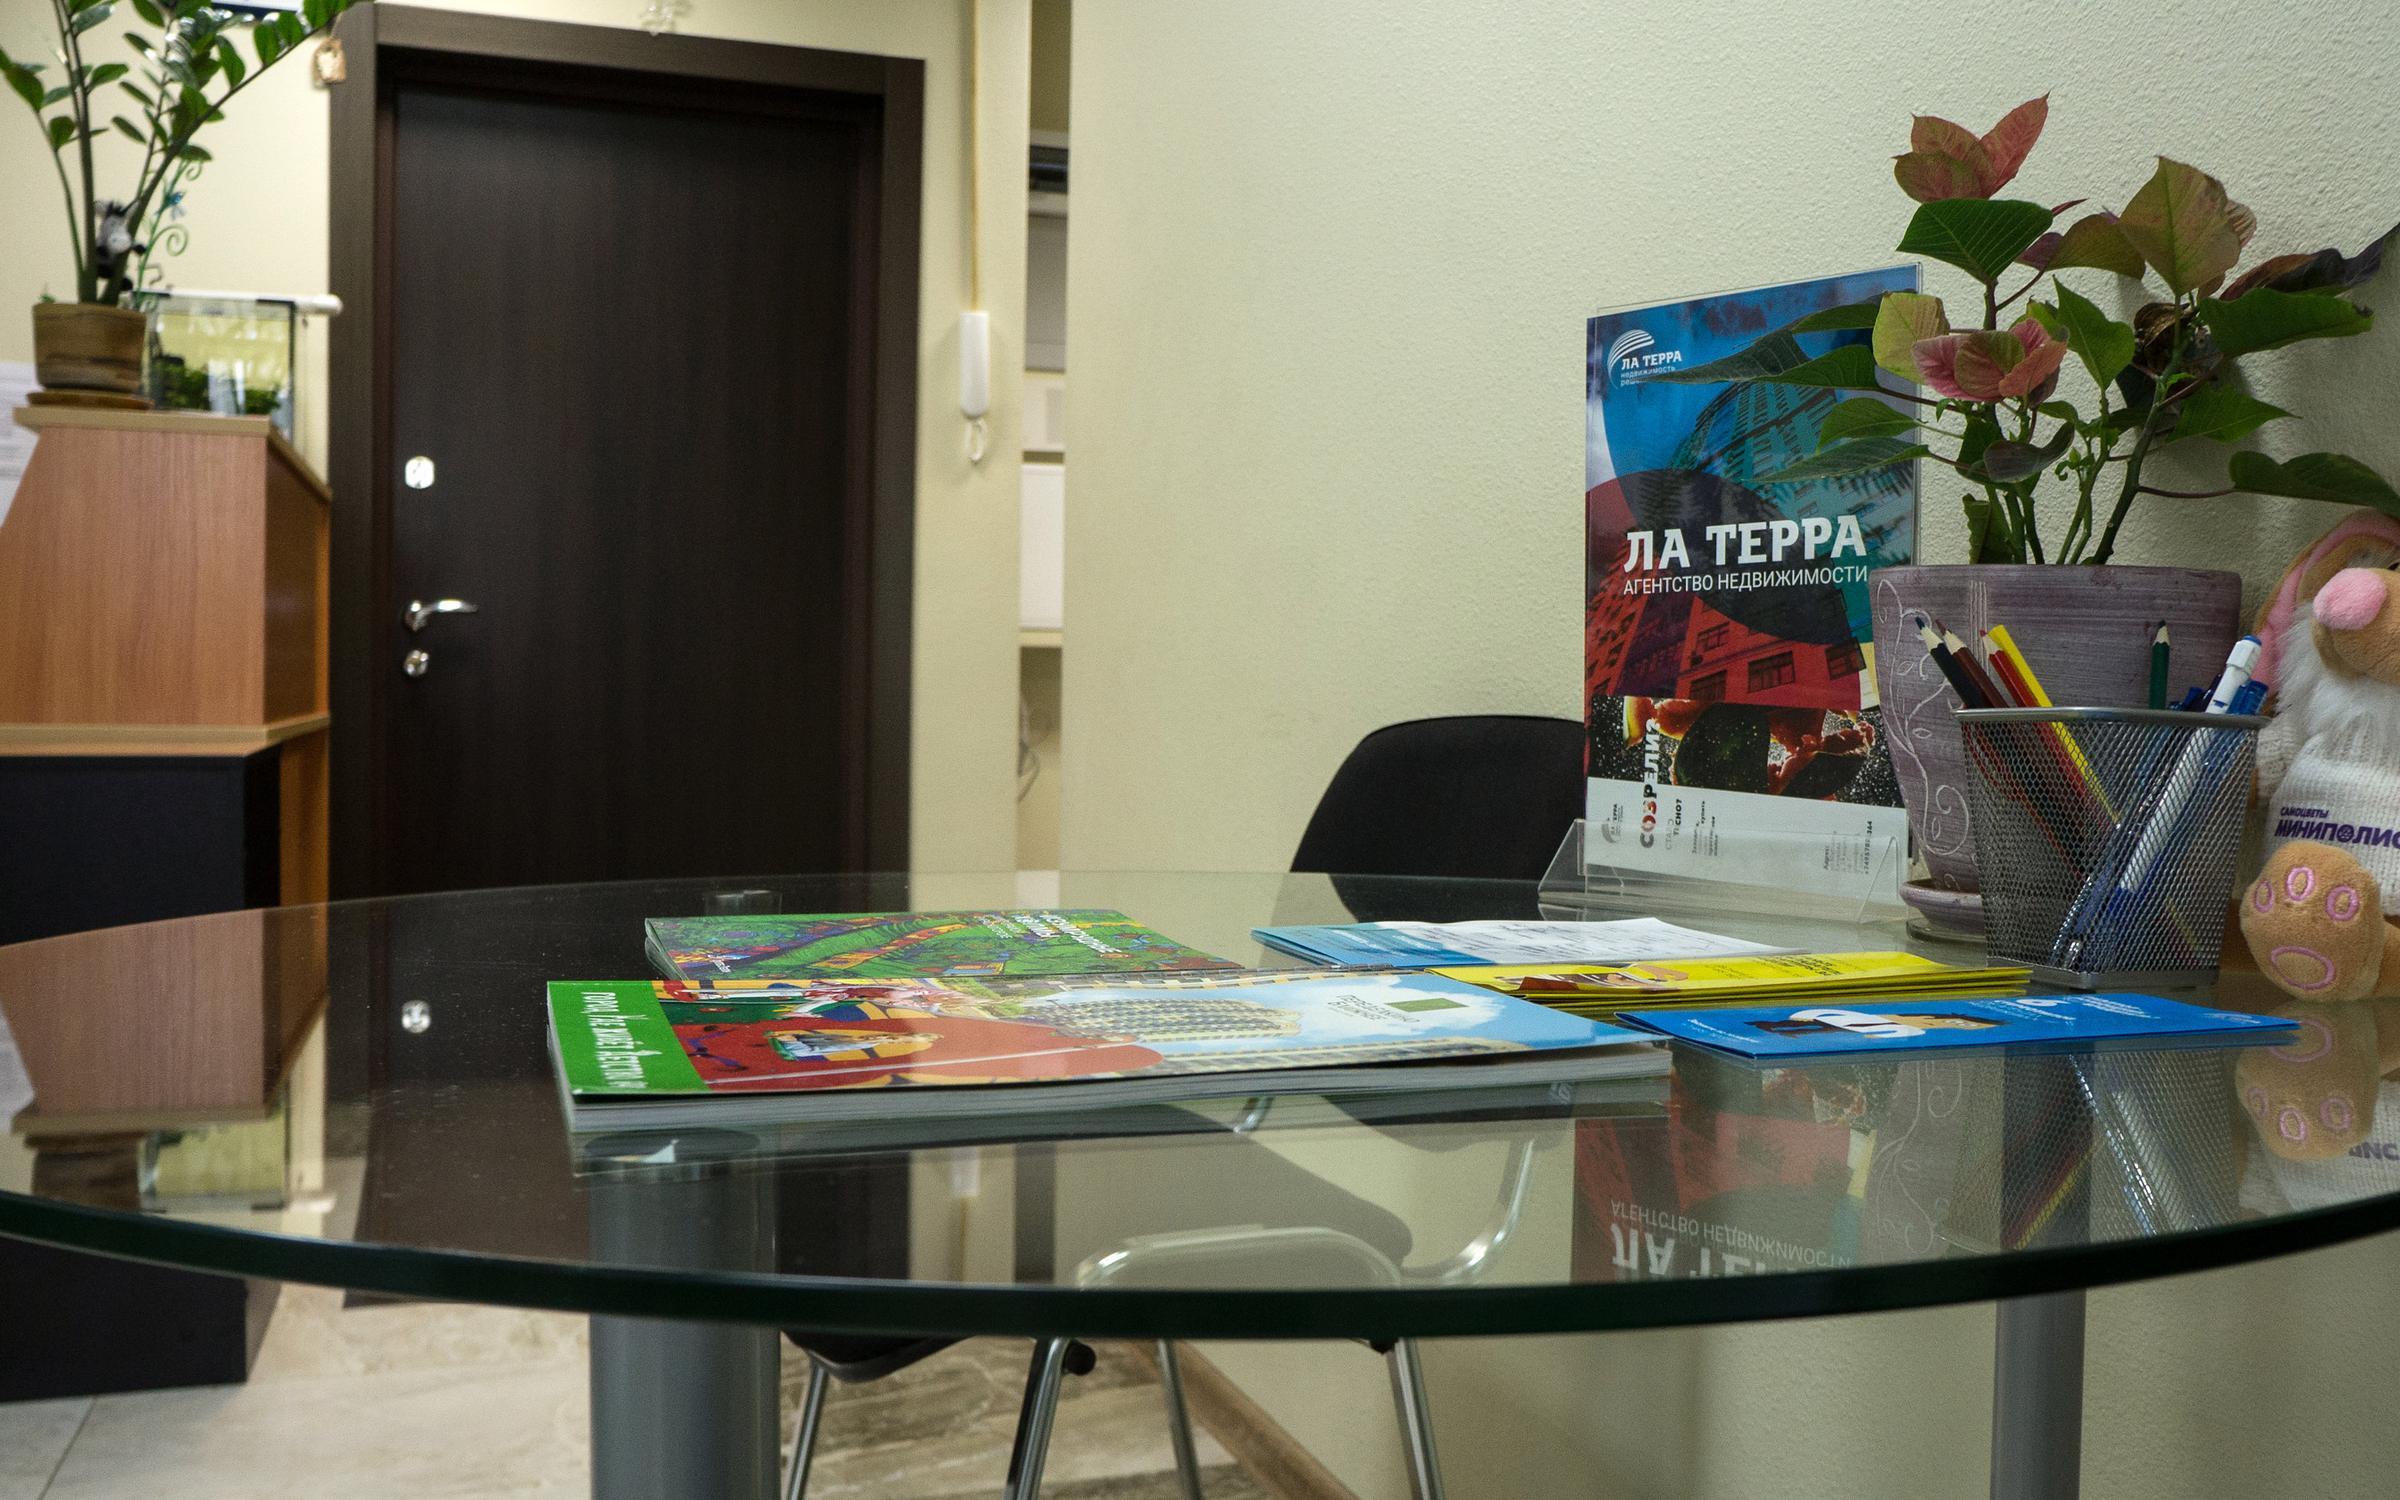 фотография Агентства недвижимости Ла Терра на улице Маршала Катукова, 24 к 6